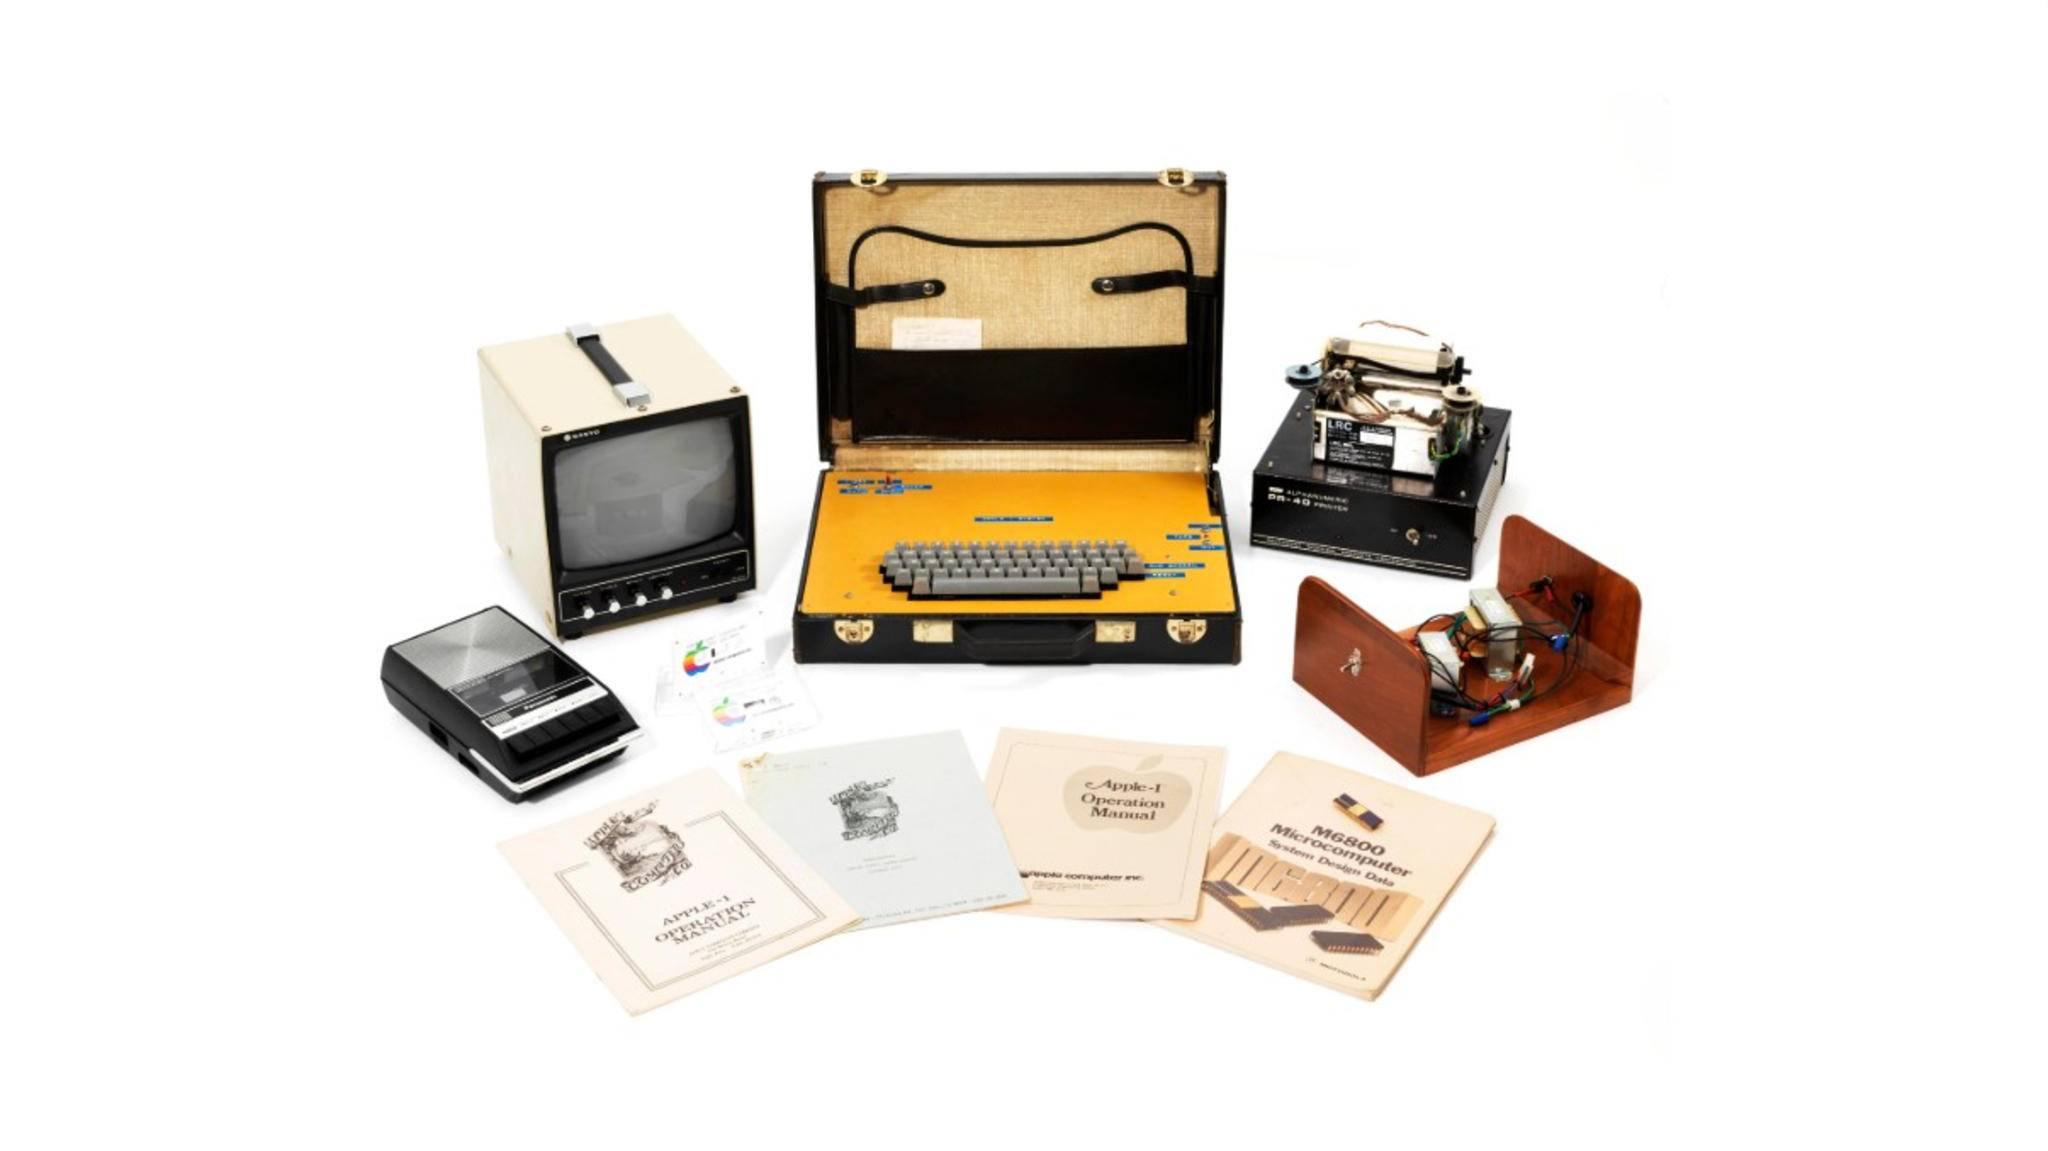 Dieser seltene Apple 1 erinnert mit seinem Kofferdesign an heutige Laptops.